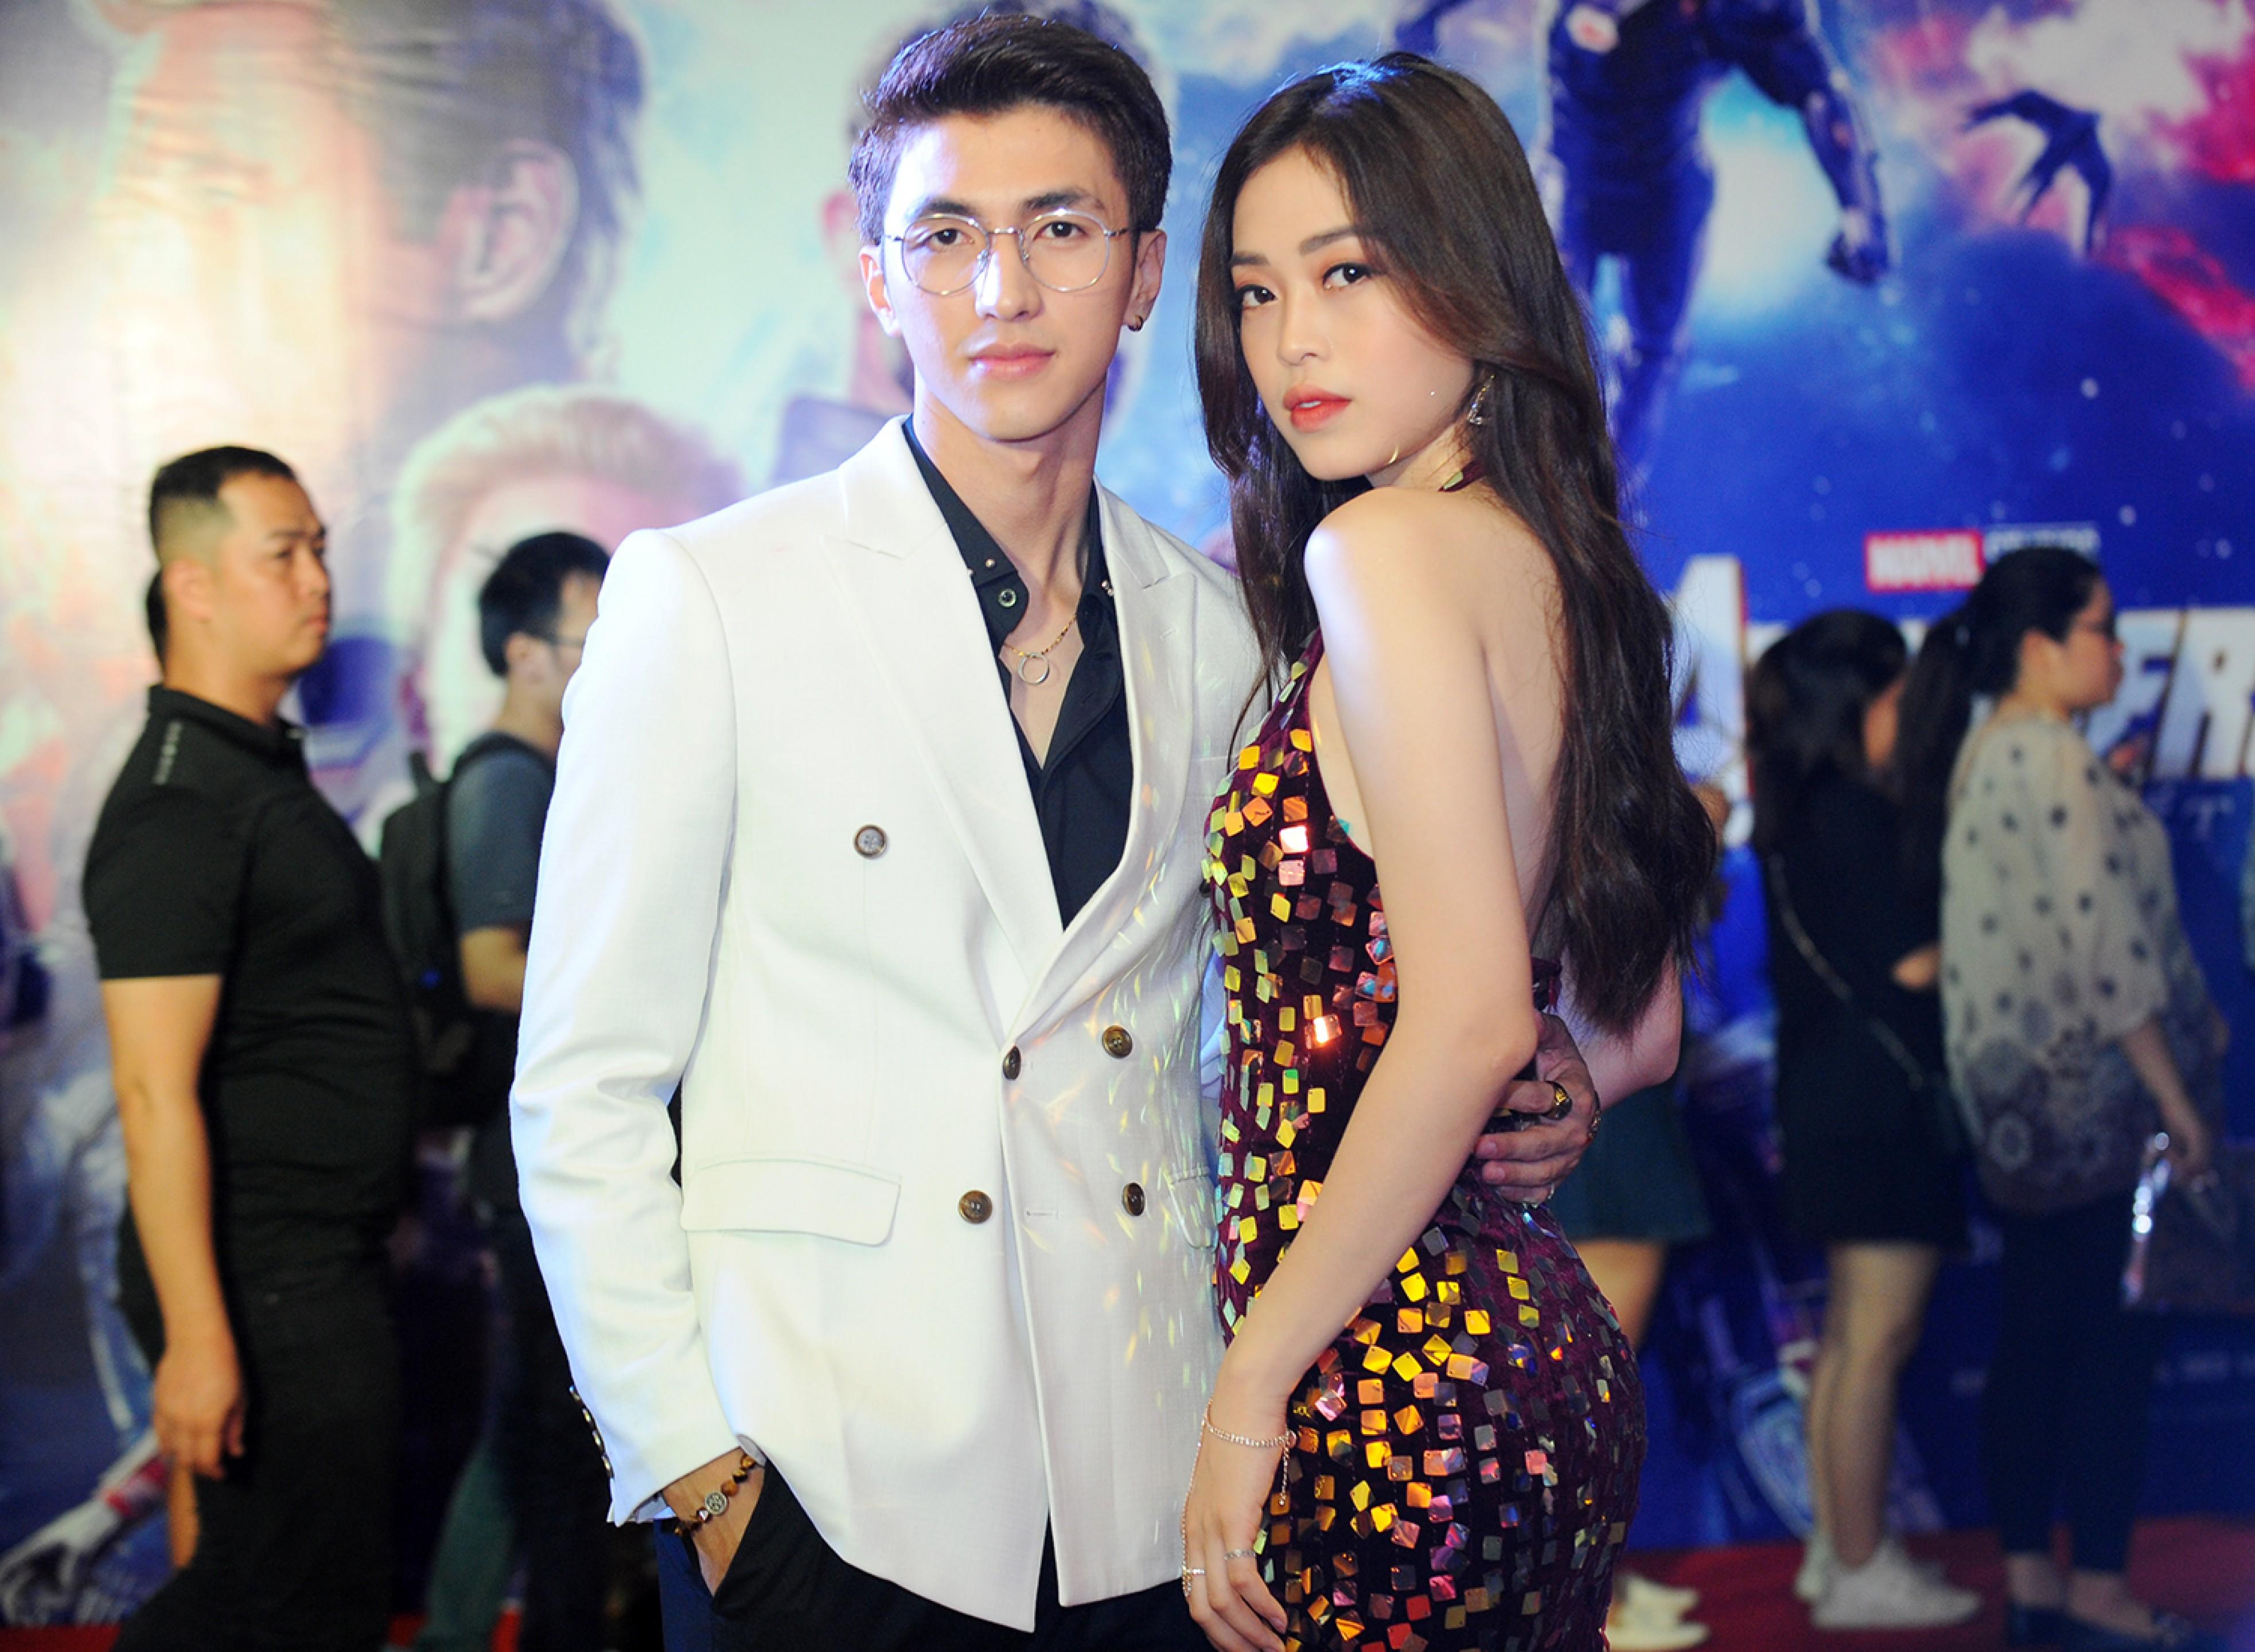 Á hậu Việt Nam 2018 Phương Nga sánh đôi cùng bạn trai - diễn viên Bình An